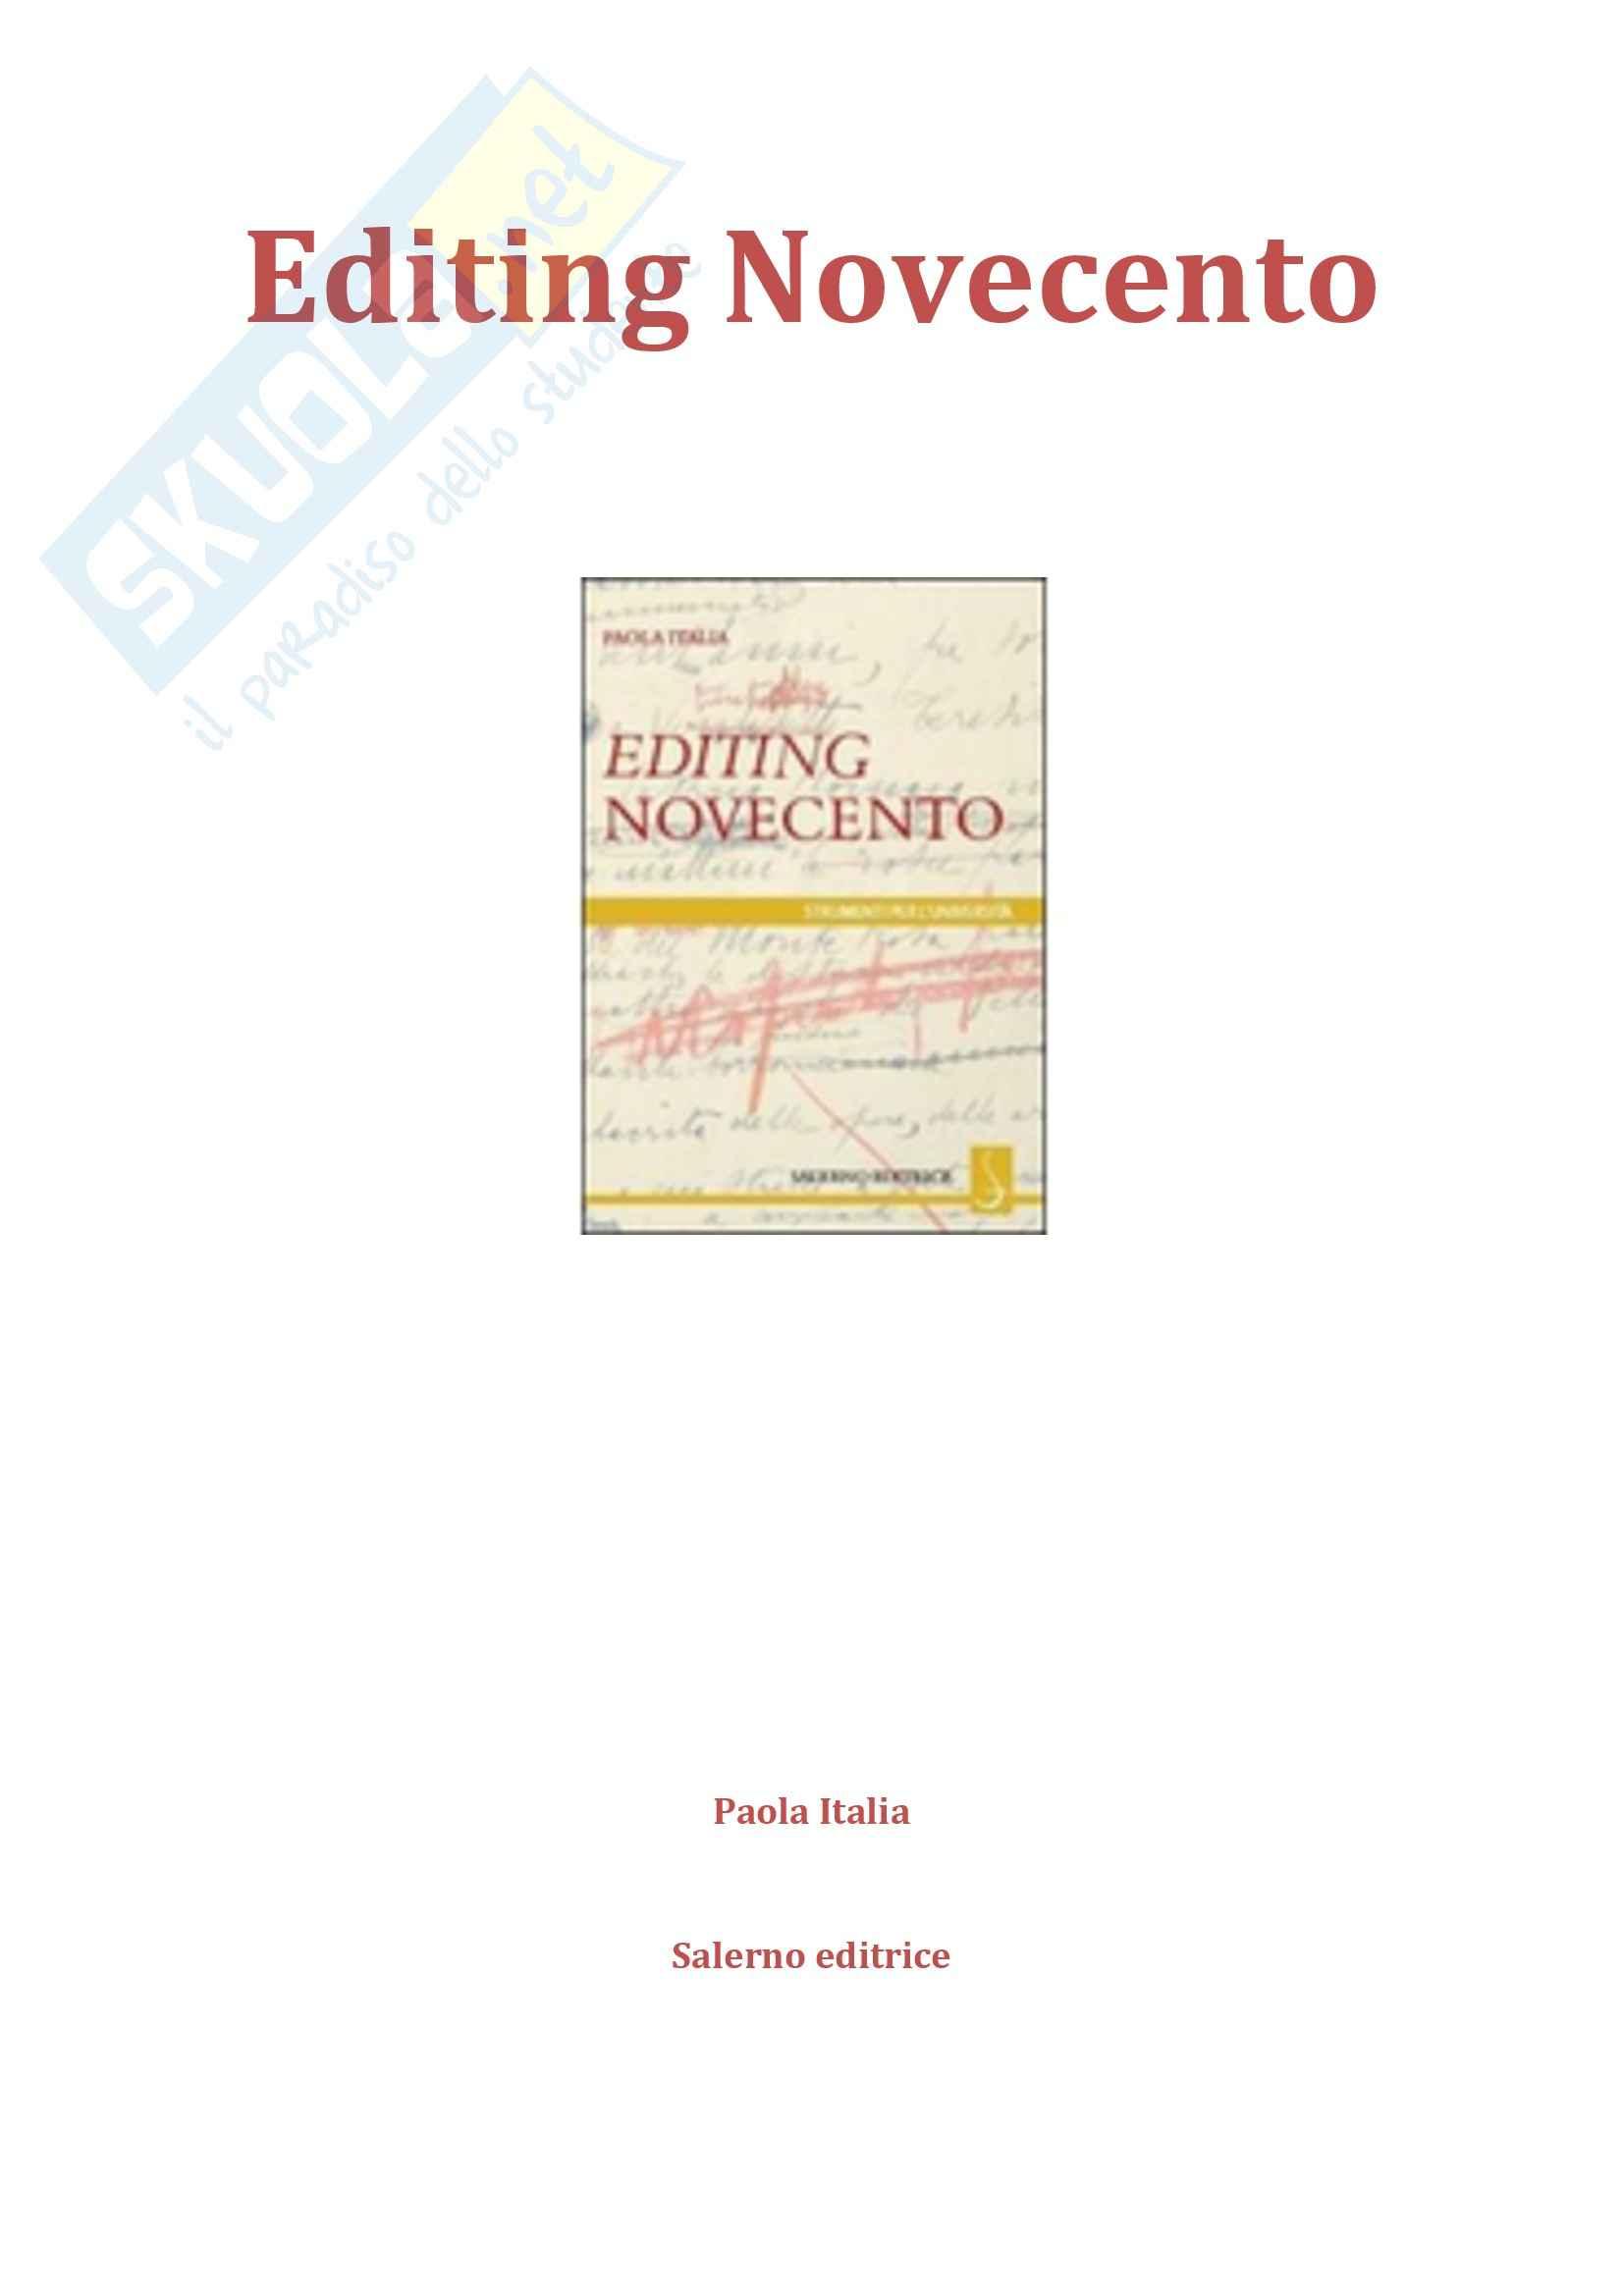 Riassunto esame e appunti, prof. Arbizzoni, libro consigliato Editing Novecento